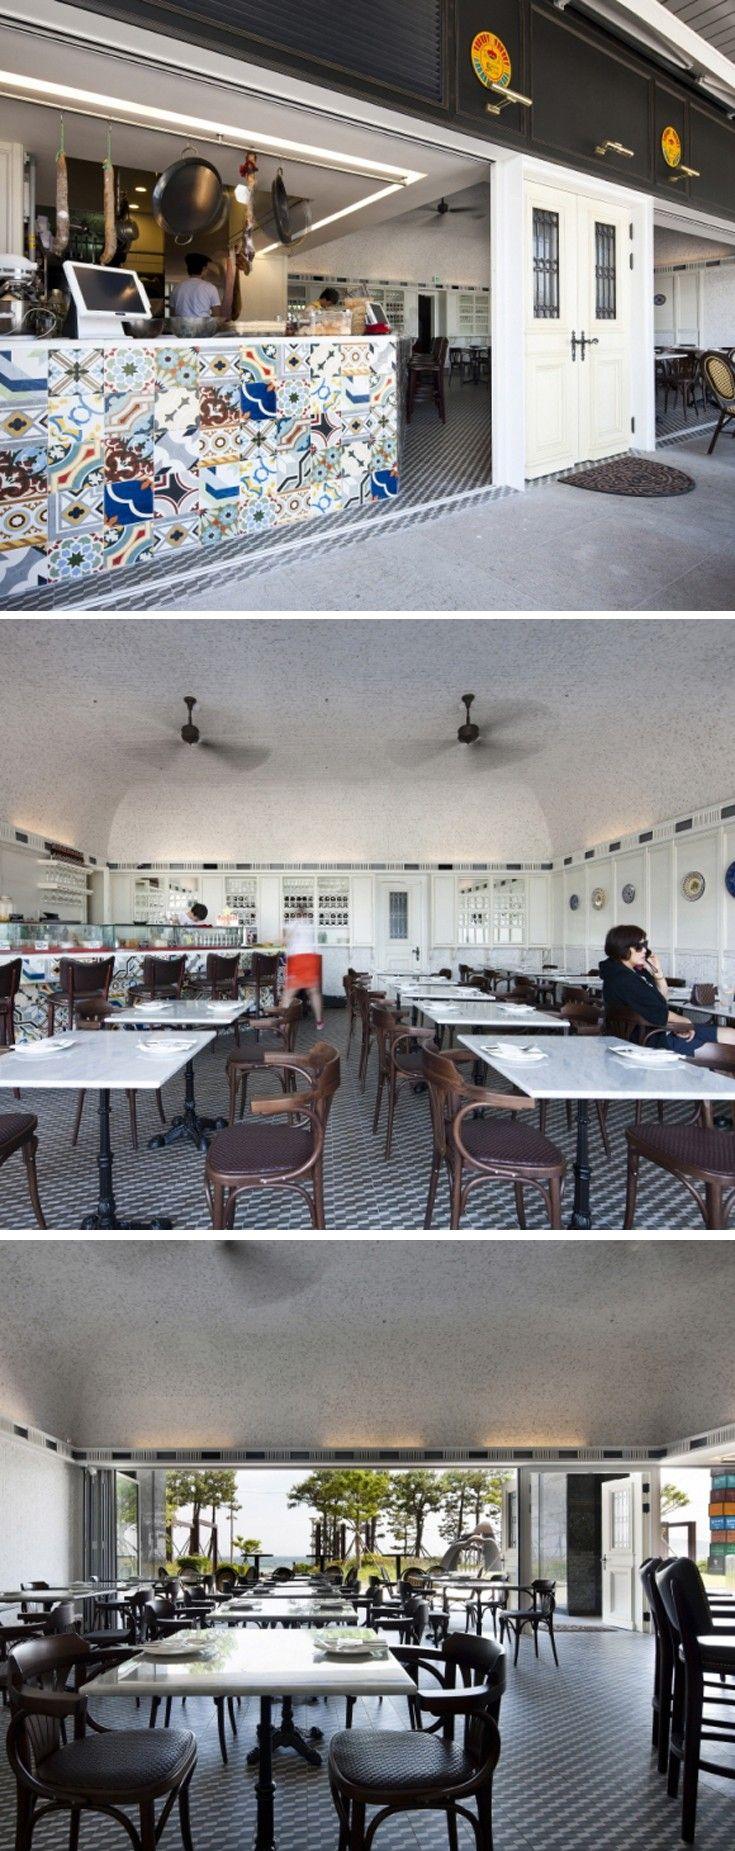 [No.69 스페인클럽 부산 해운대] 스페인 레스토랑 인테리어 33평, 유럽 디자인